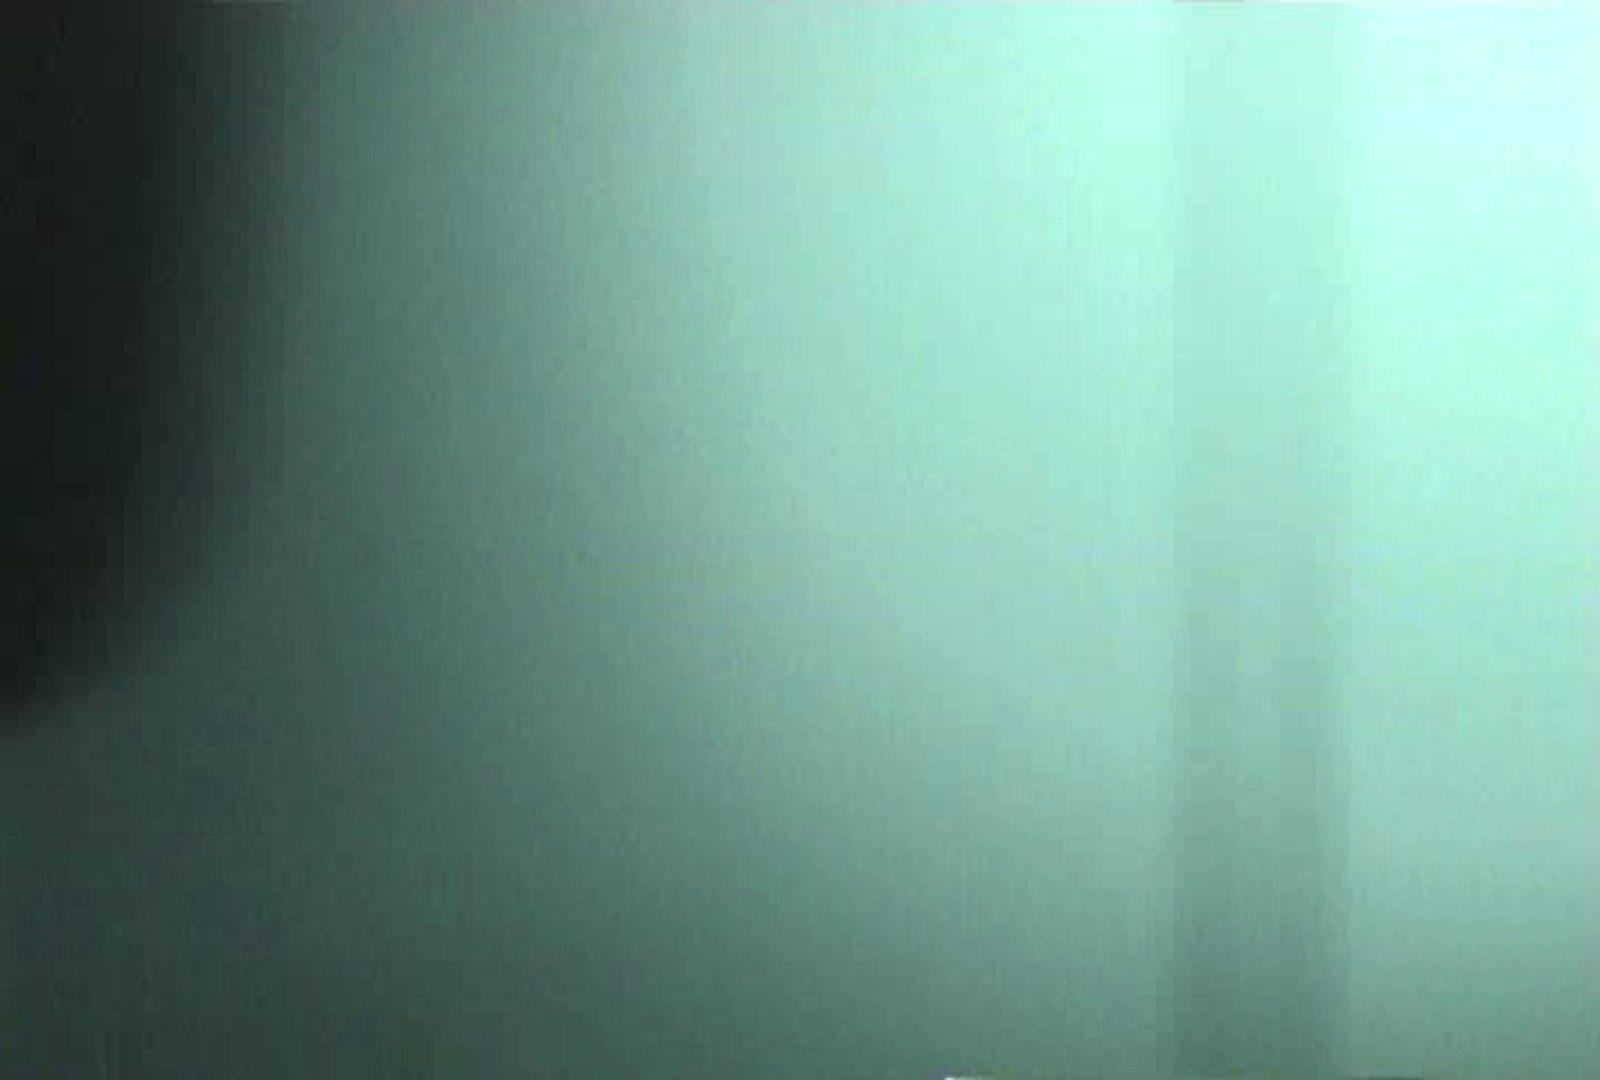 充血監督の深夜の運動会Vol.68 クンニ SEX無修正画像 91枚